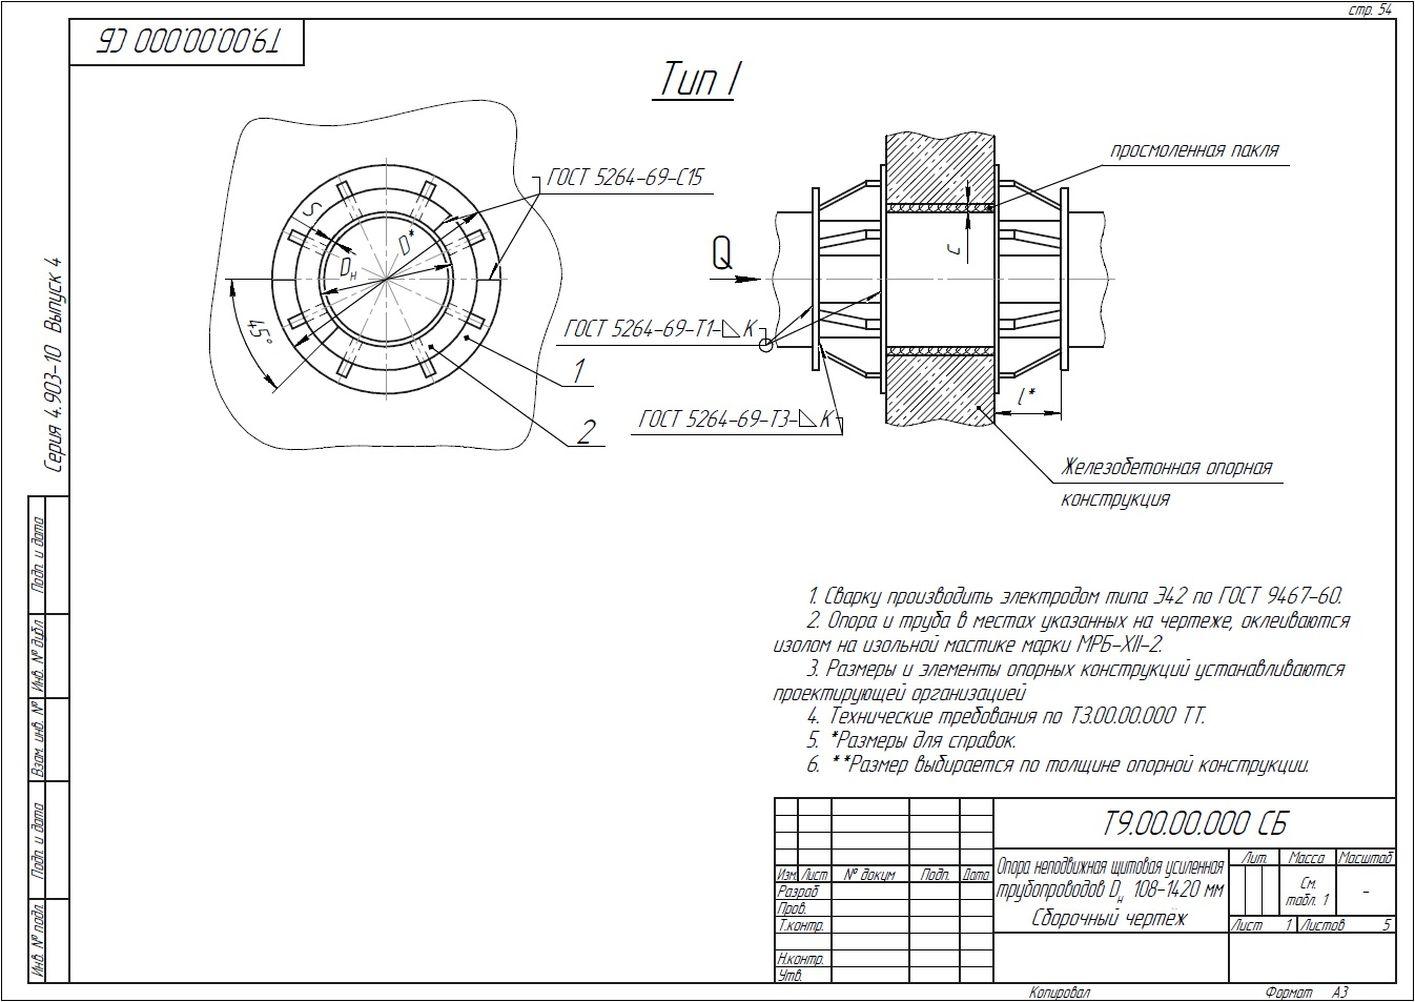 Опора неподвижная щитовая усиленная Т9 серия 4.903-10 вып.4 стр.1